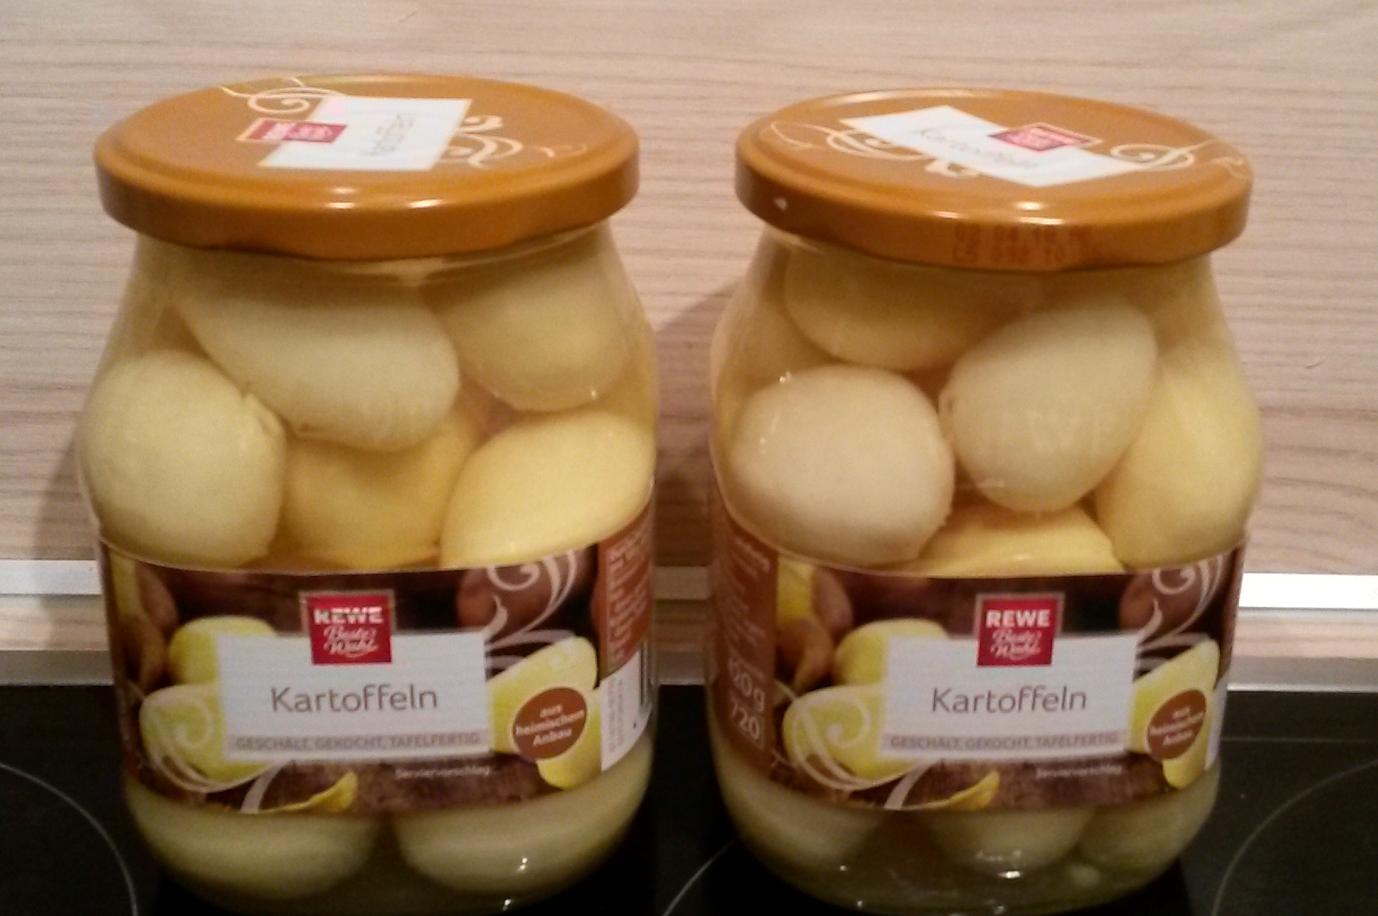 Kartoffeln Aus Dem Glas